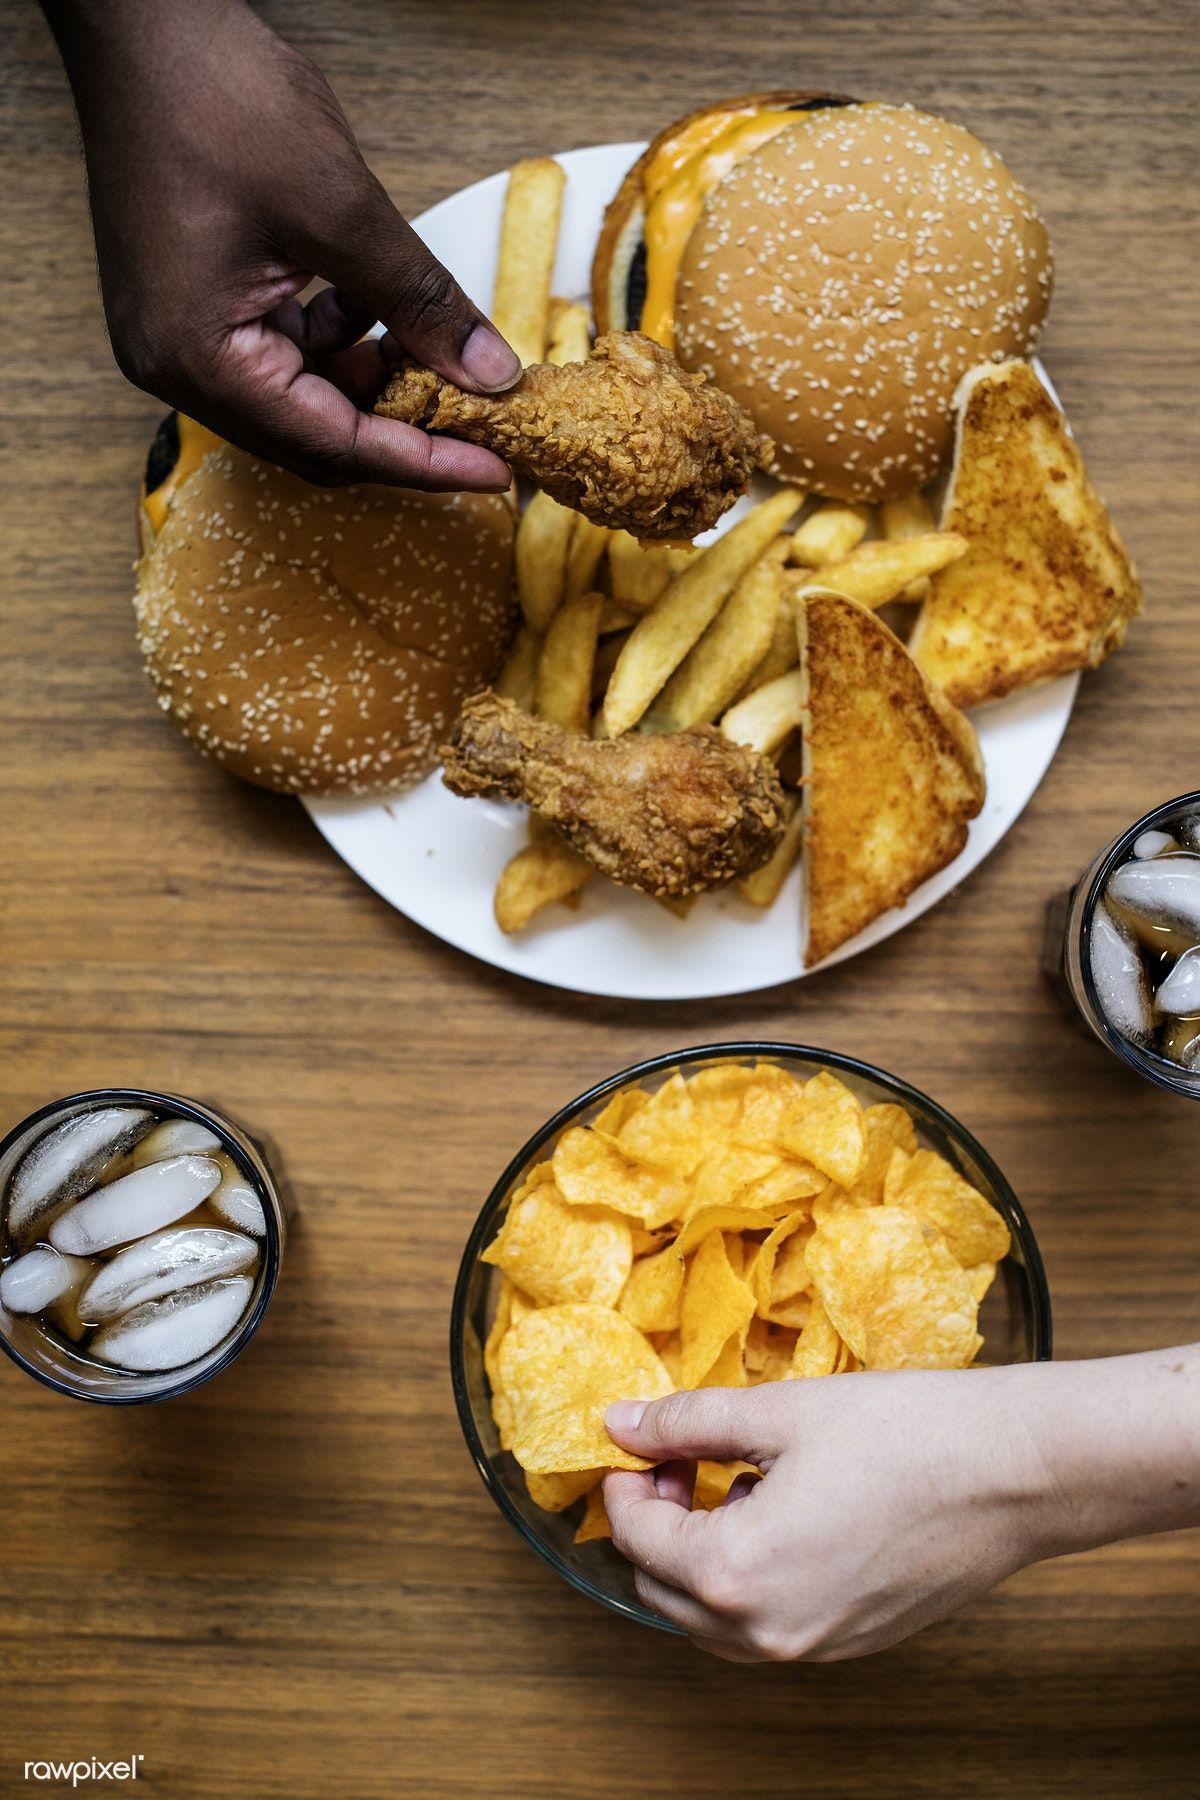 a junk food free diet